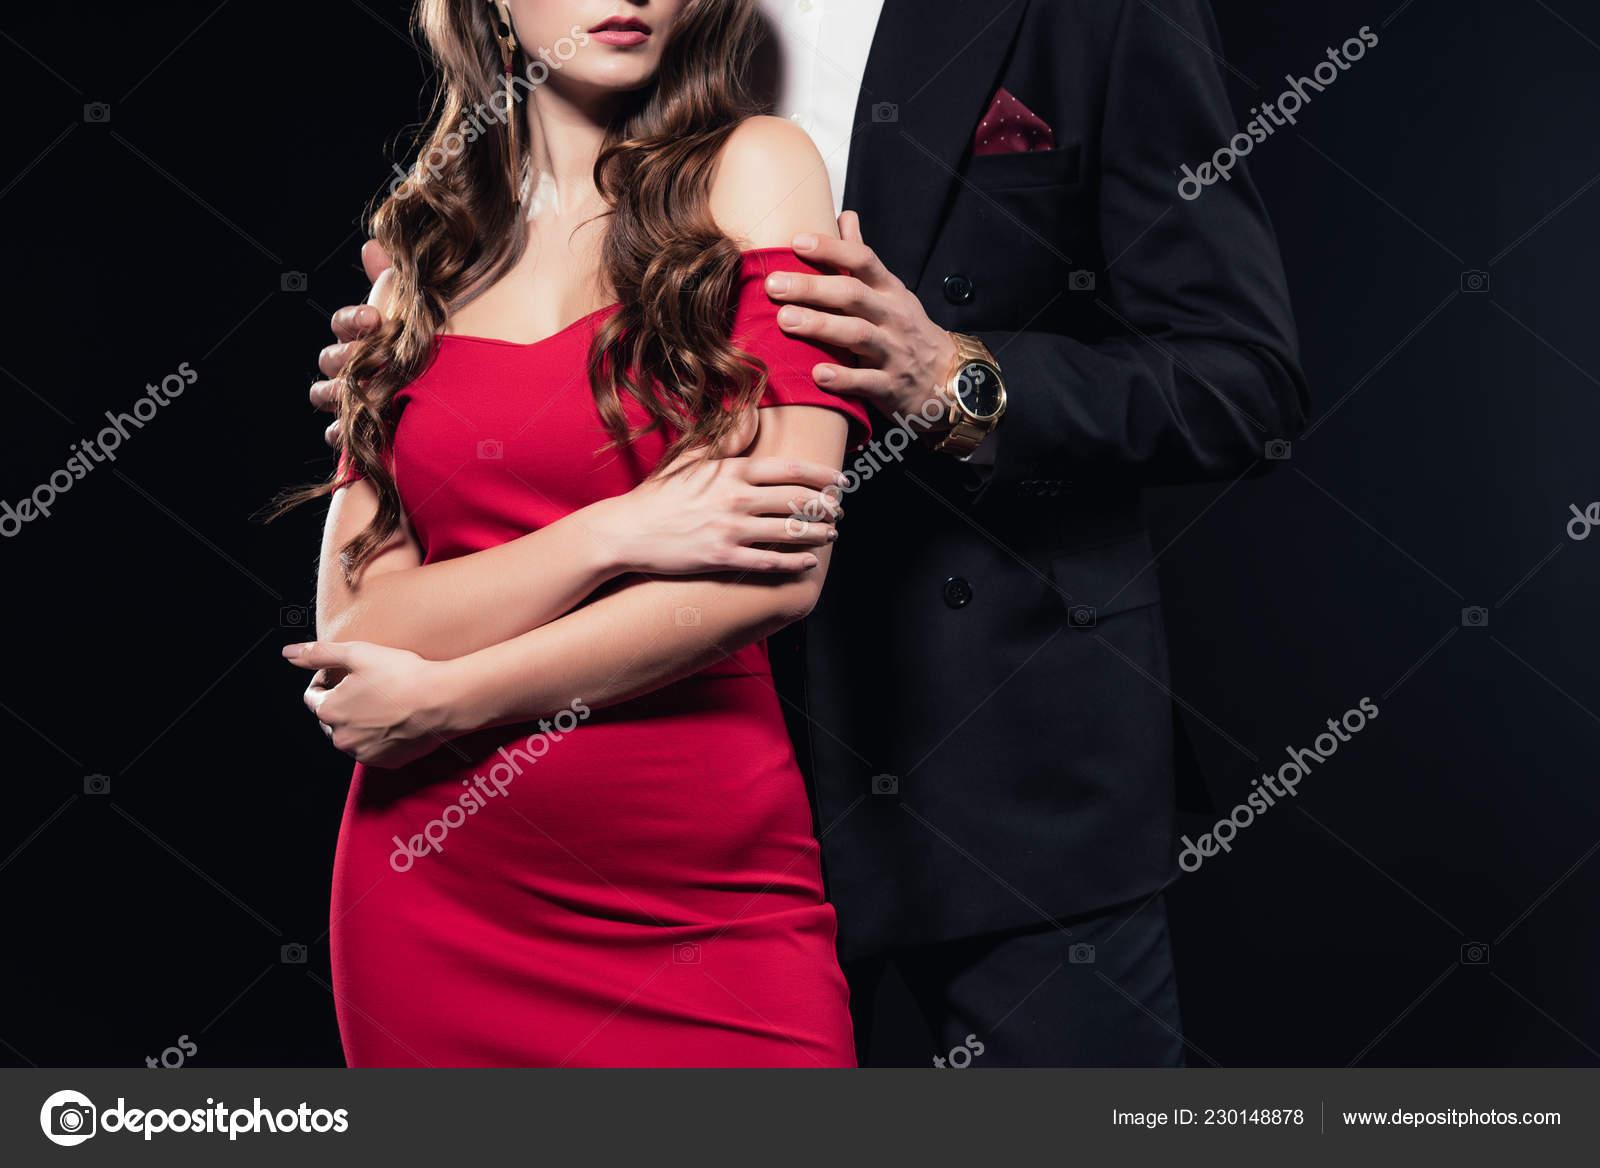 una vista rosso riserva isolato nerofoto di abbraccia vestito Uomo di in potato donna il che nkw0P8OX